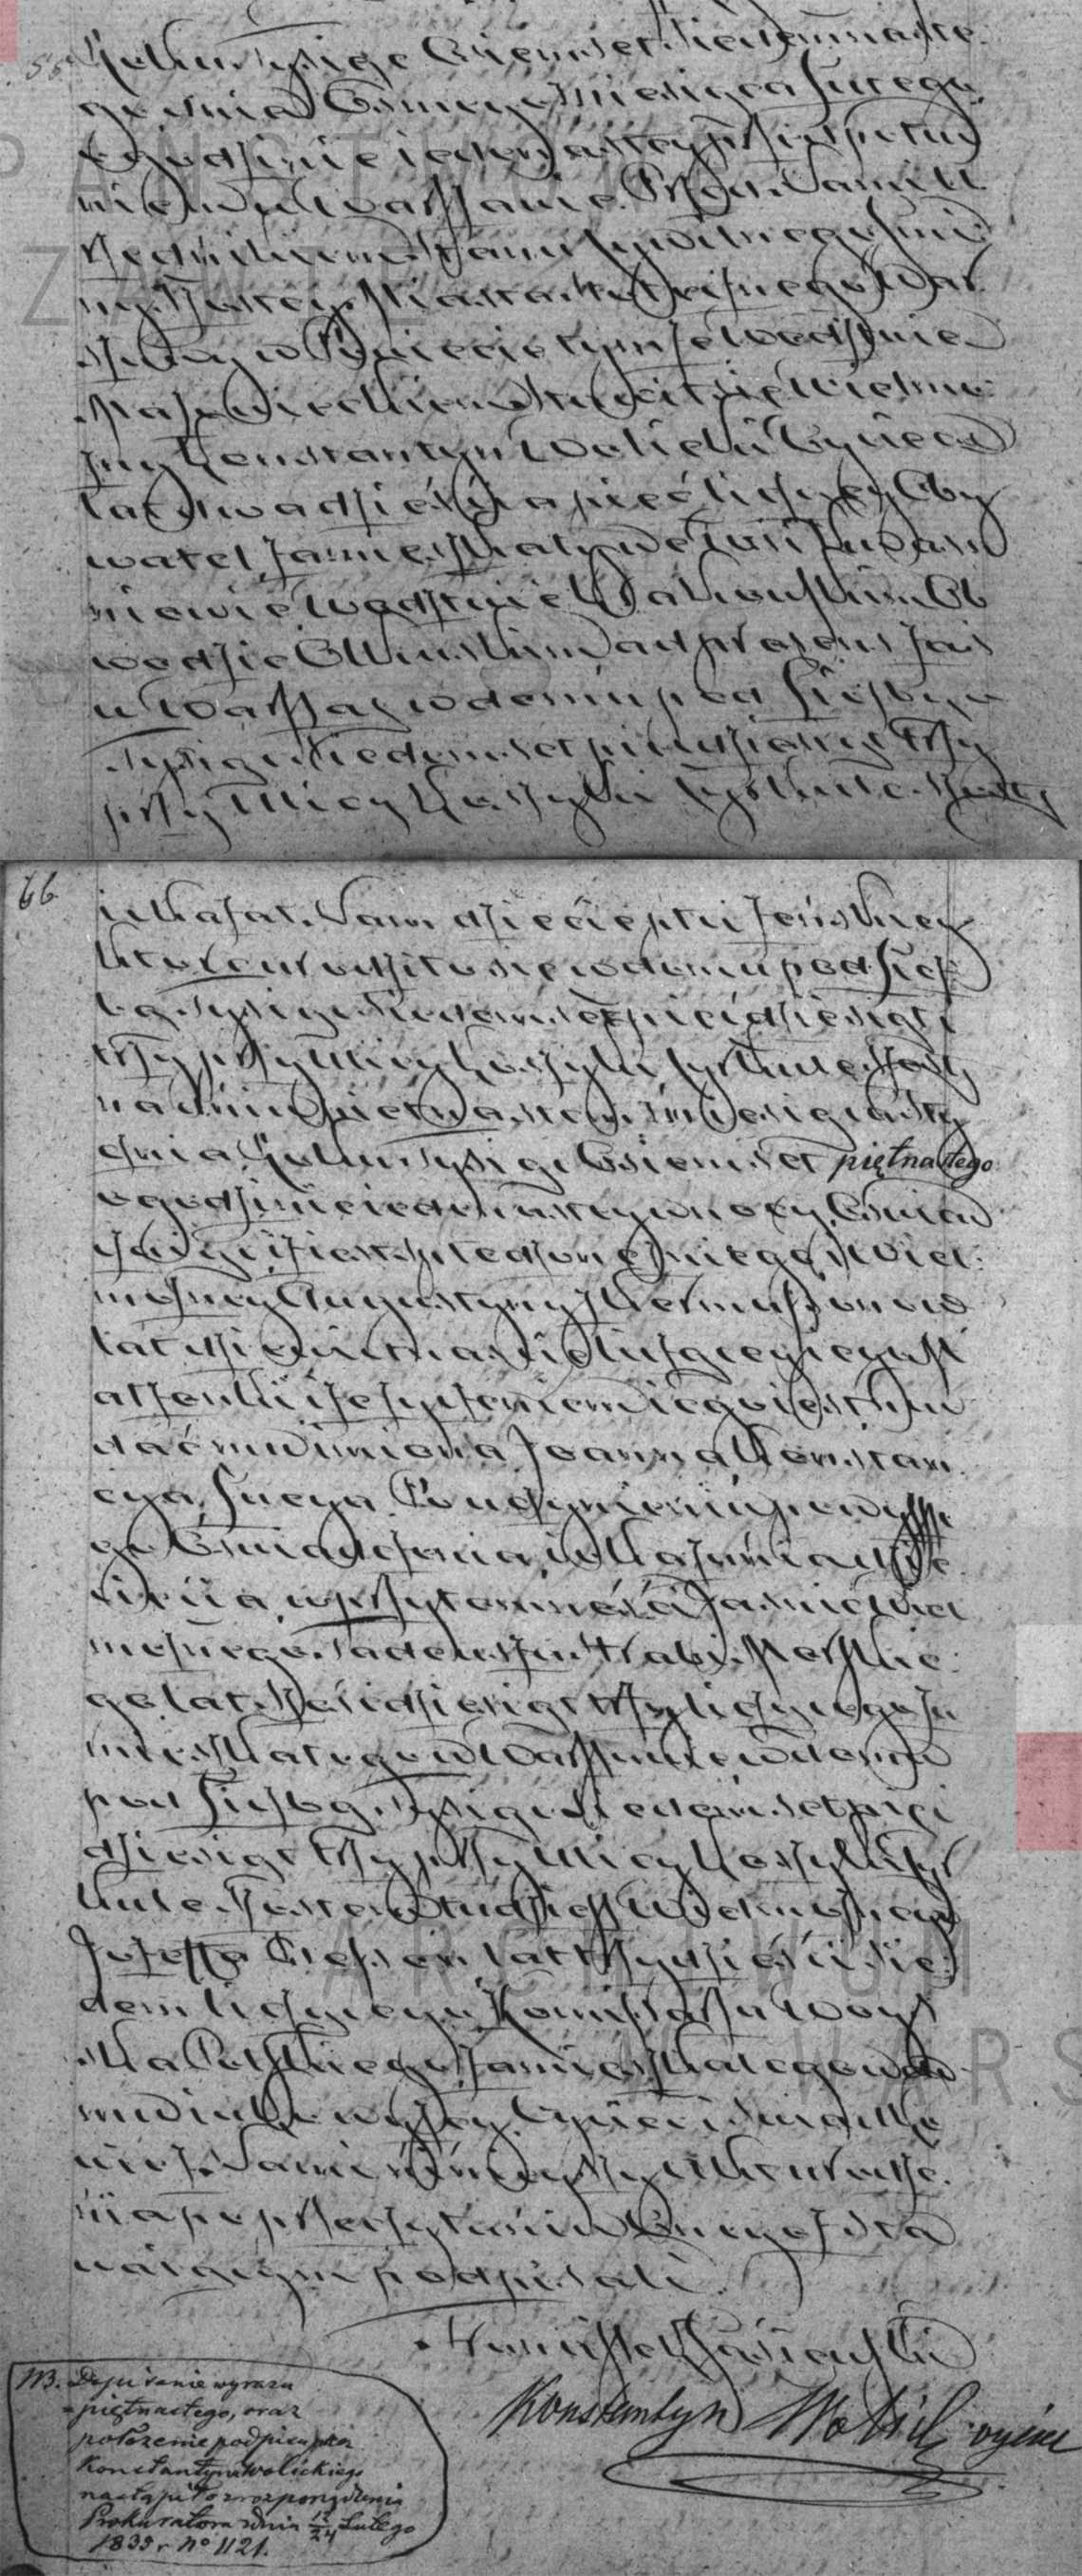 Akt stanu cywilnego urodzenia Joanna Konstancya Łucya Wolicka 15.01.1815 r.